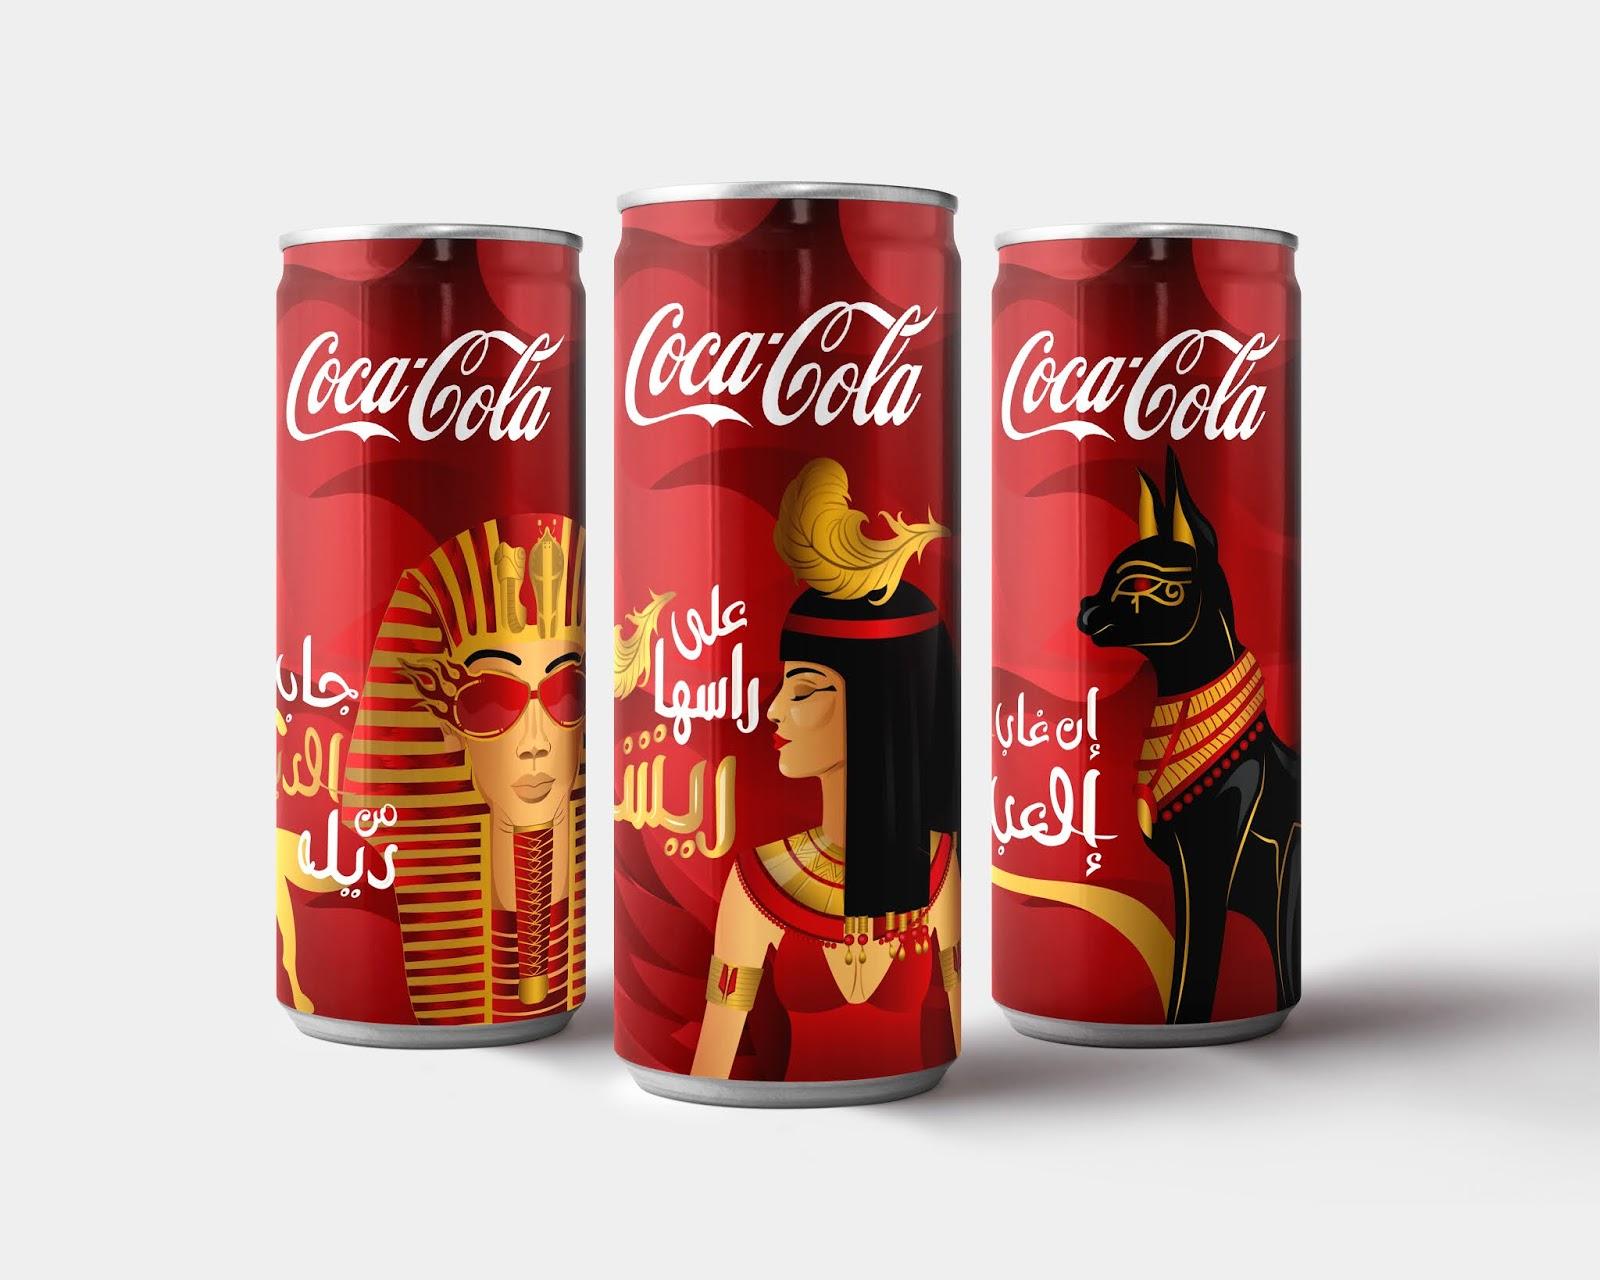 北京饮料包装设计分享 | 大埃及博物馆的可口可乐包装设计